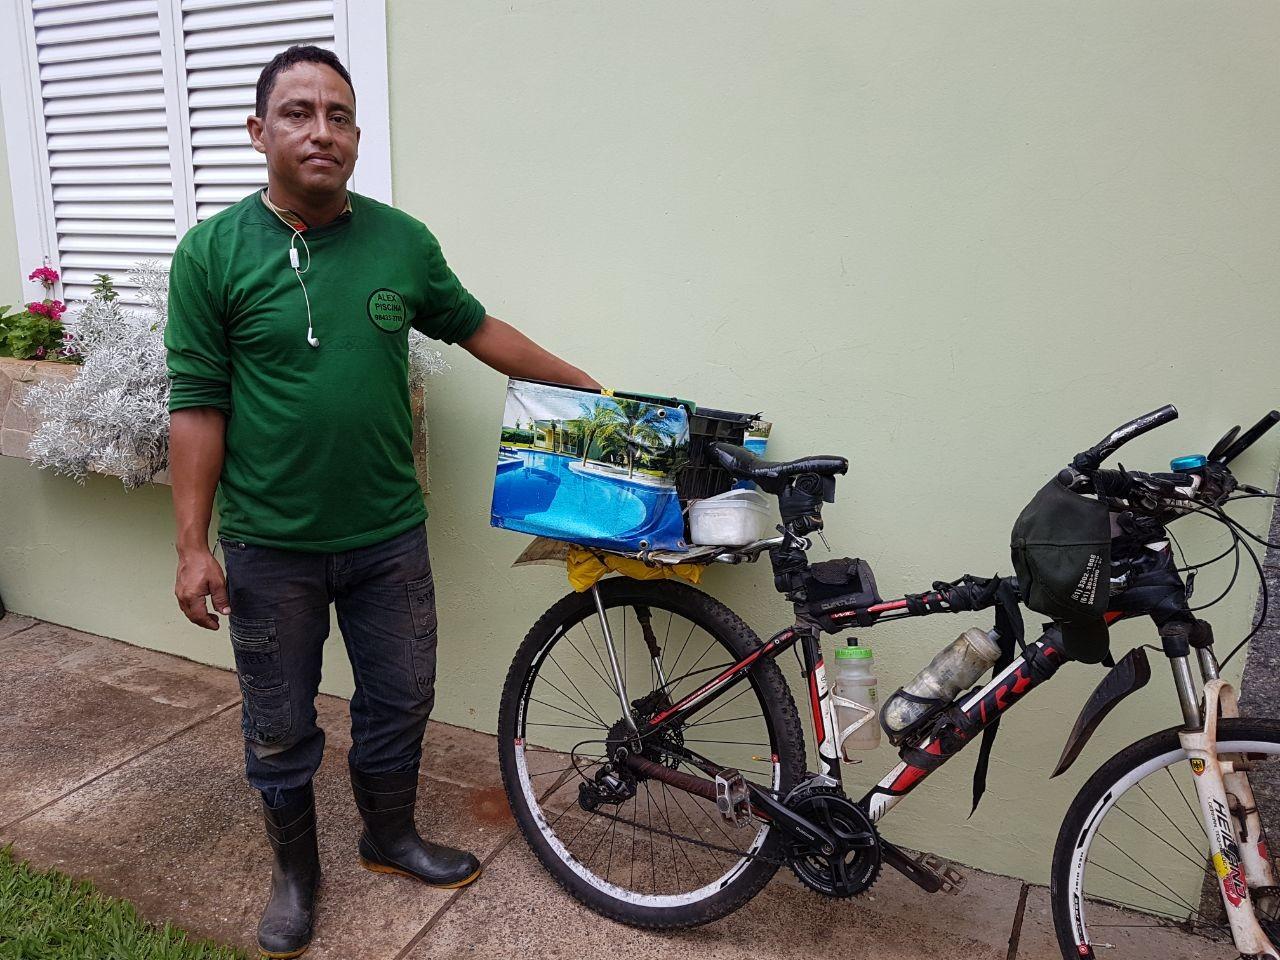 Pedalando: morador do DF troca carro por bike e fala sobre benefícios do meio de transporte